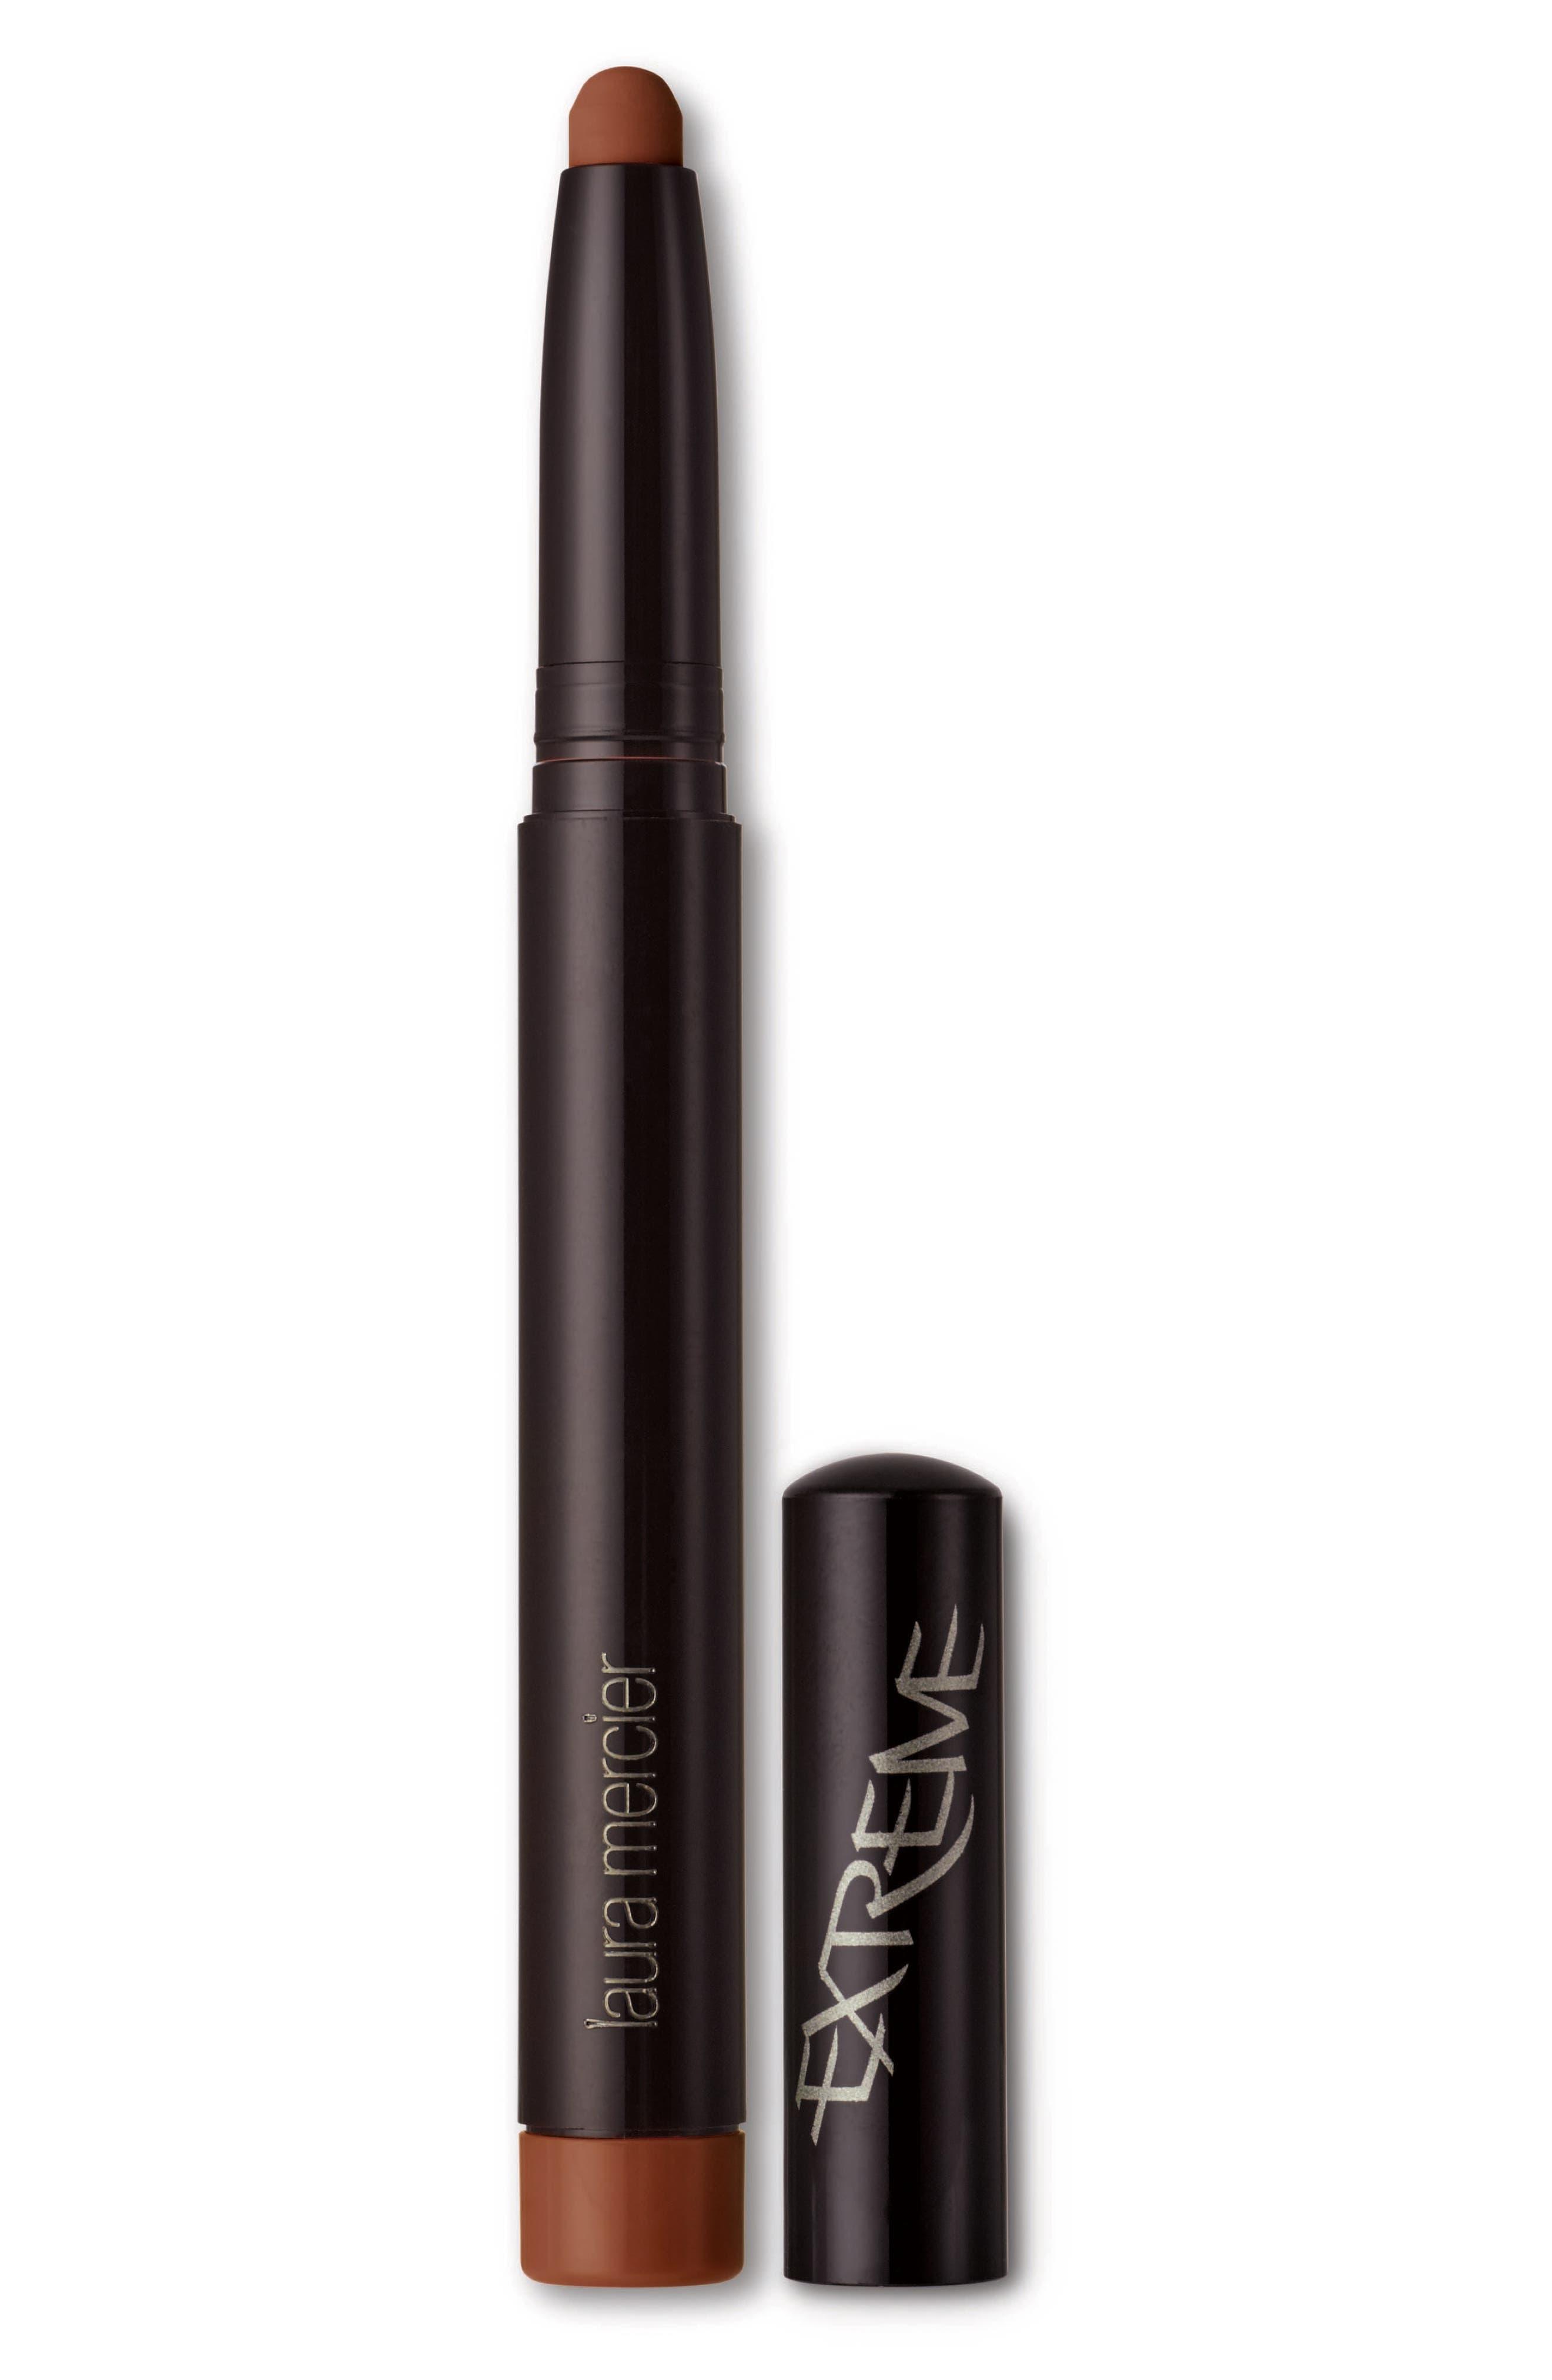 Velour Extreme Matte Lipstick,                             Main thumbnail 1, color,                             ROCK